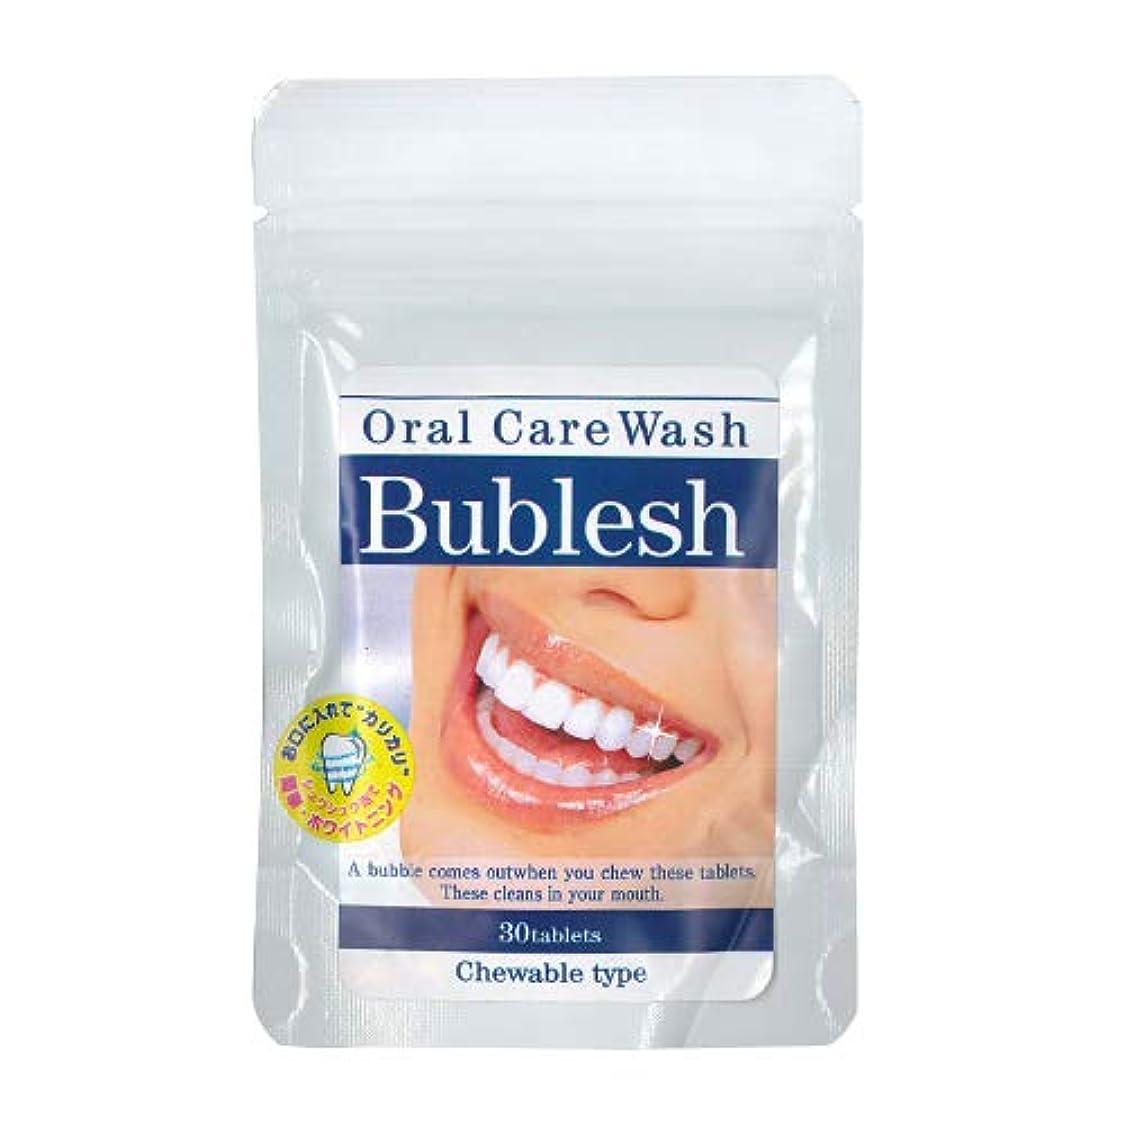 はがき乱気流潜水艦オーラルケアウォッシュ バブレッシュ (Oral Care Wash Bublesh) 30粒